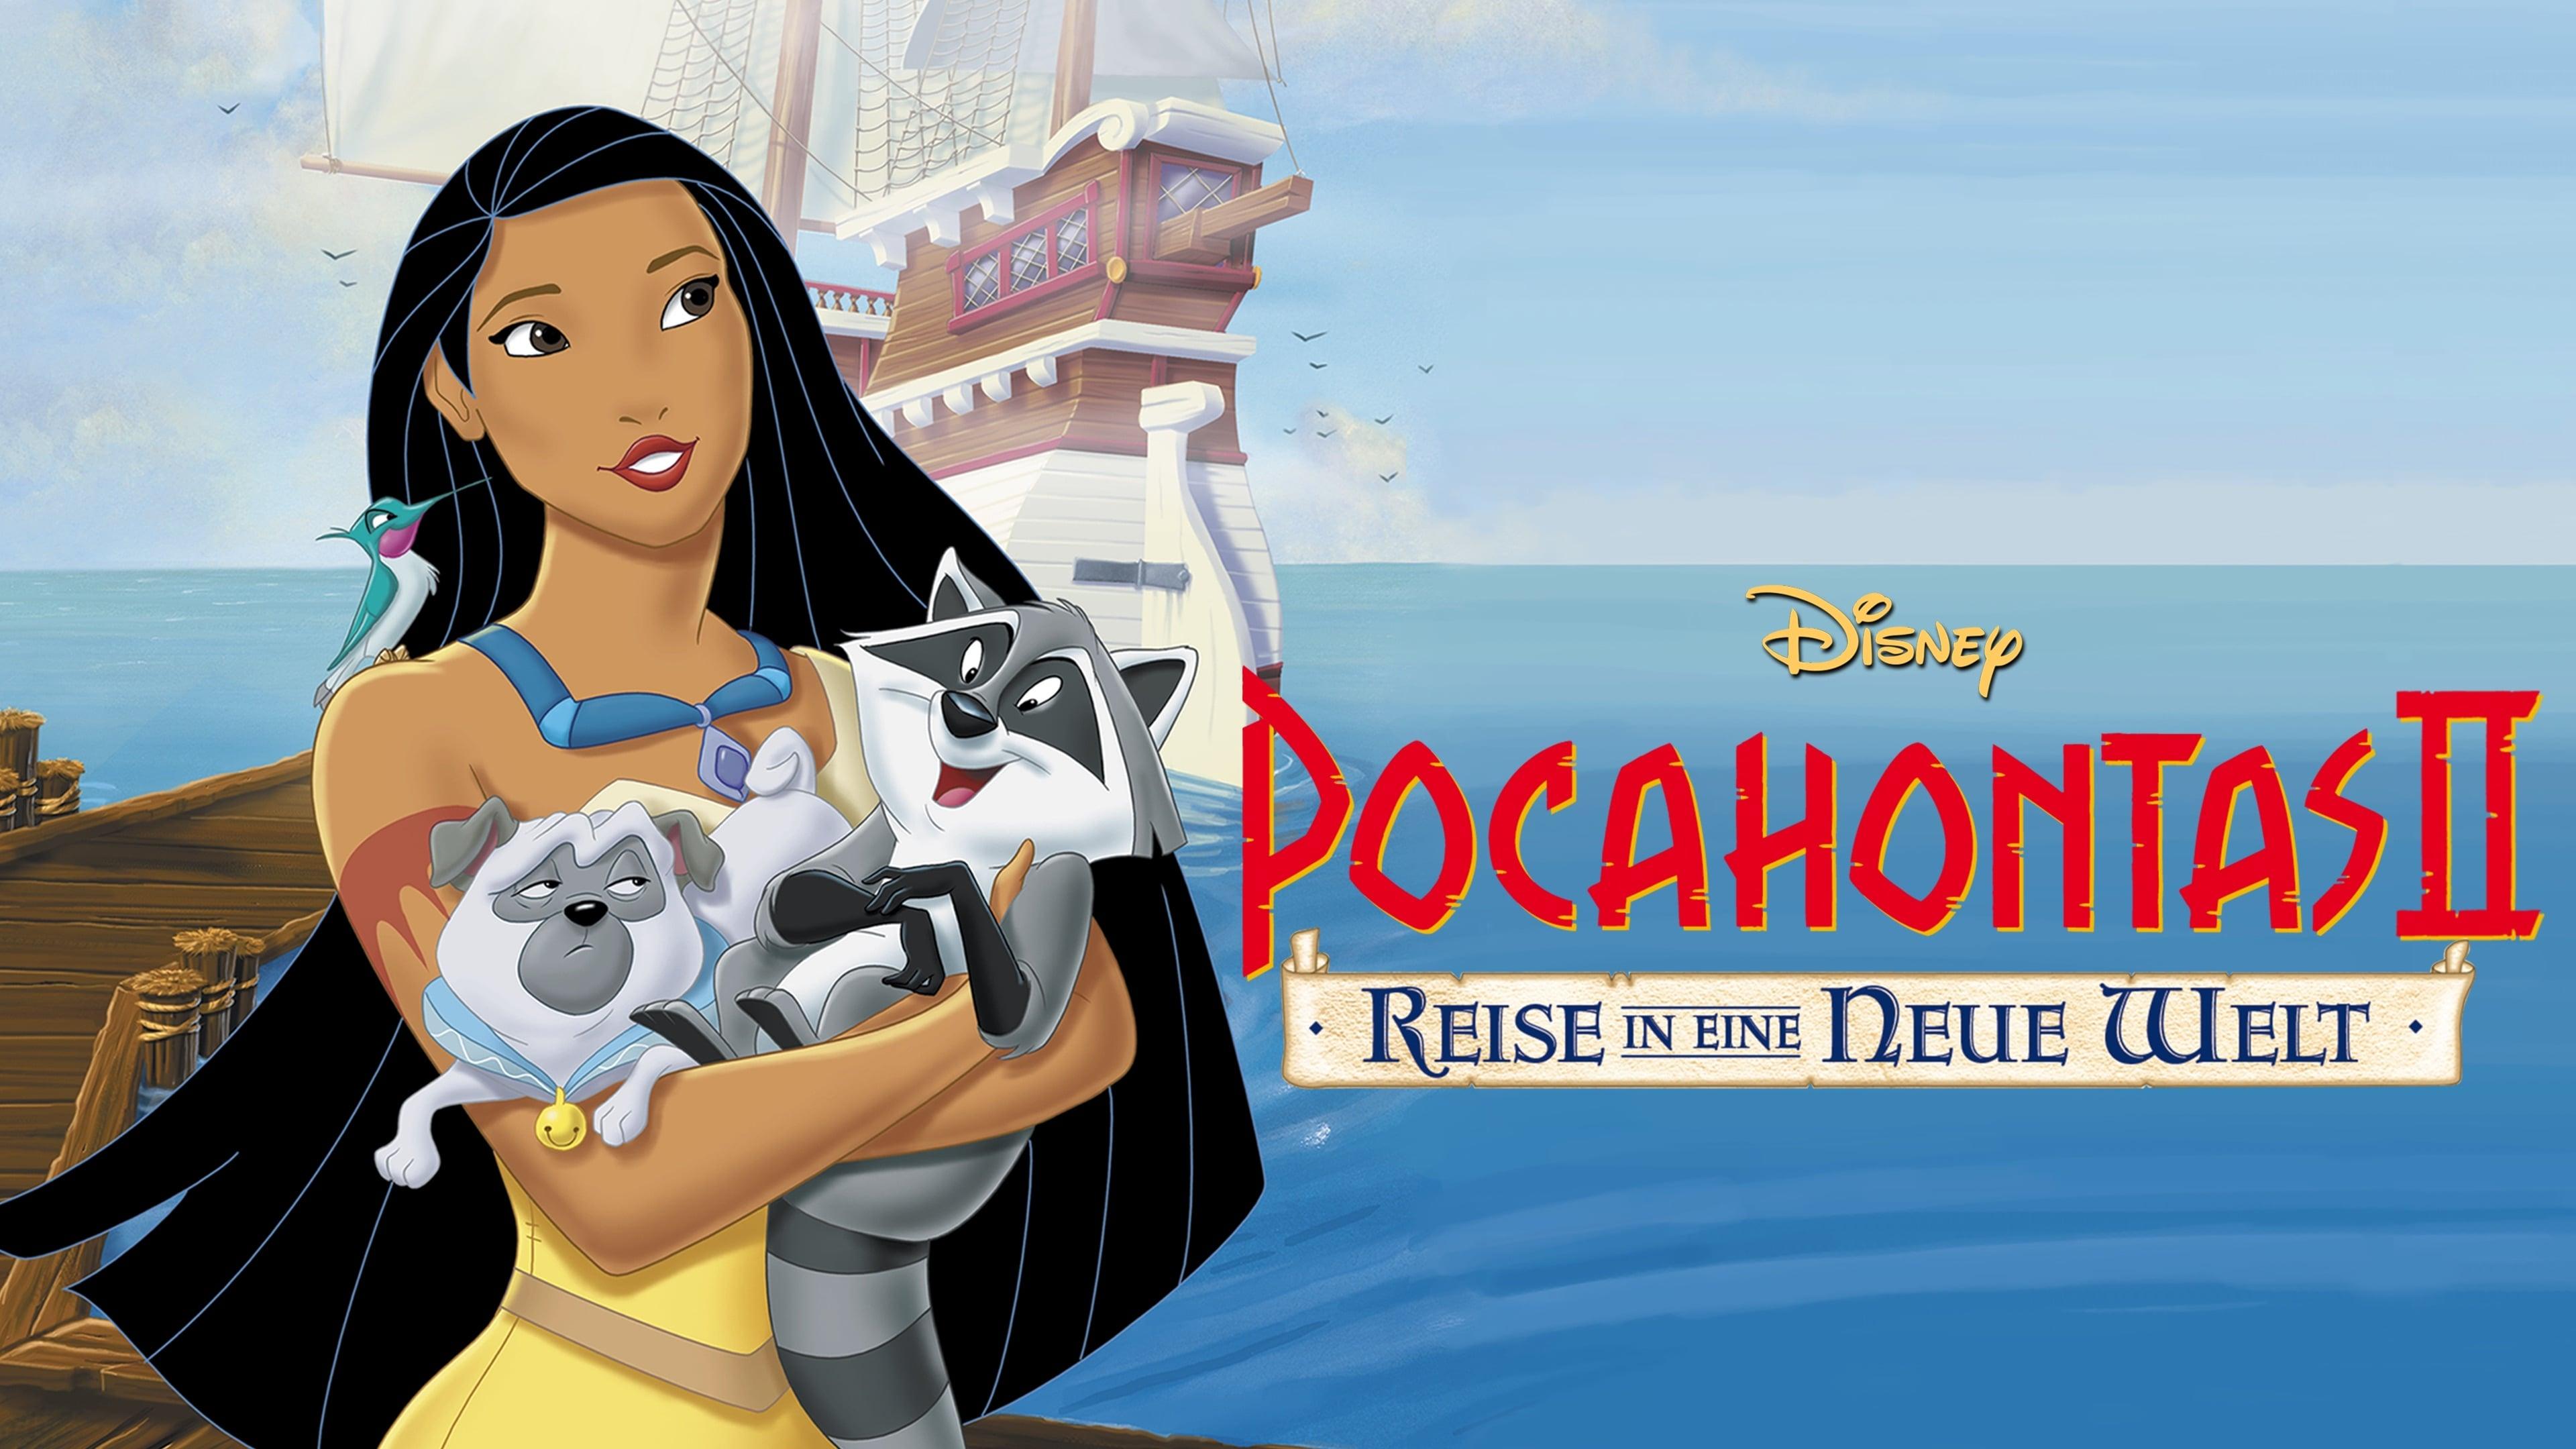 Pocahontas II: Viaje a un Nuevo Mundo